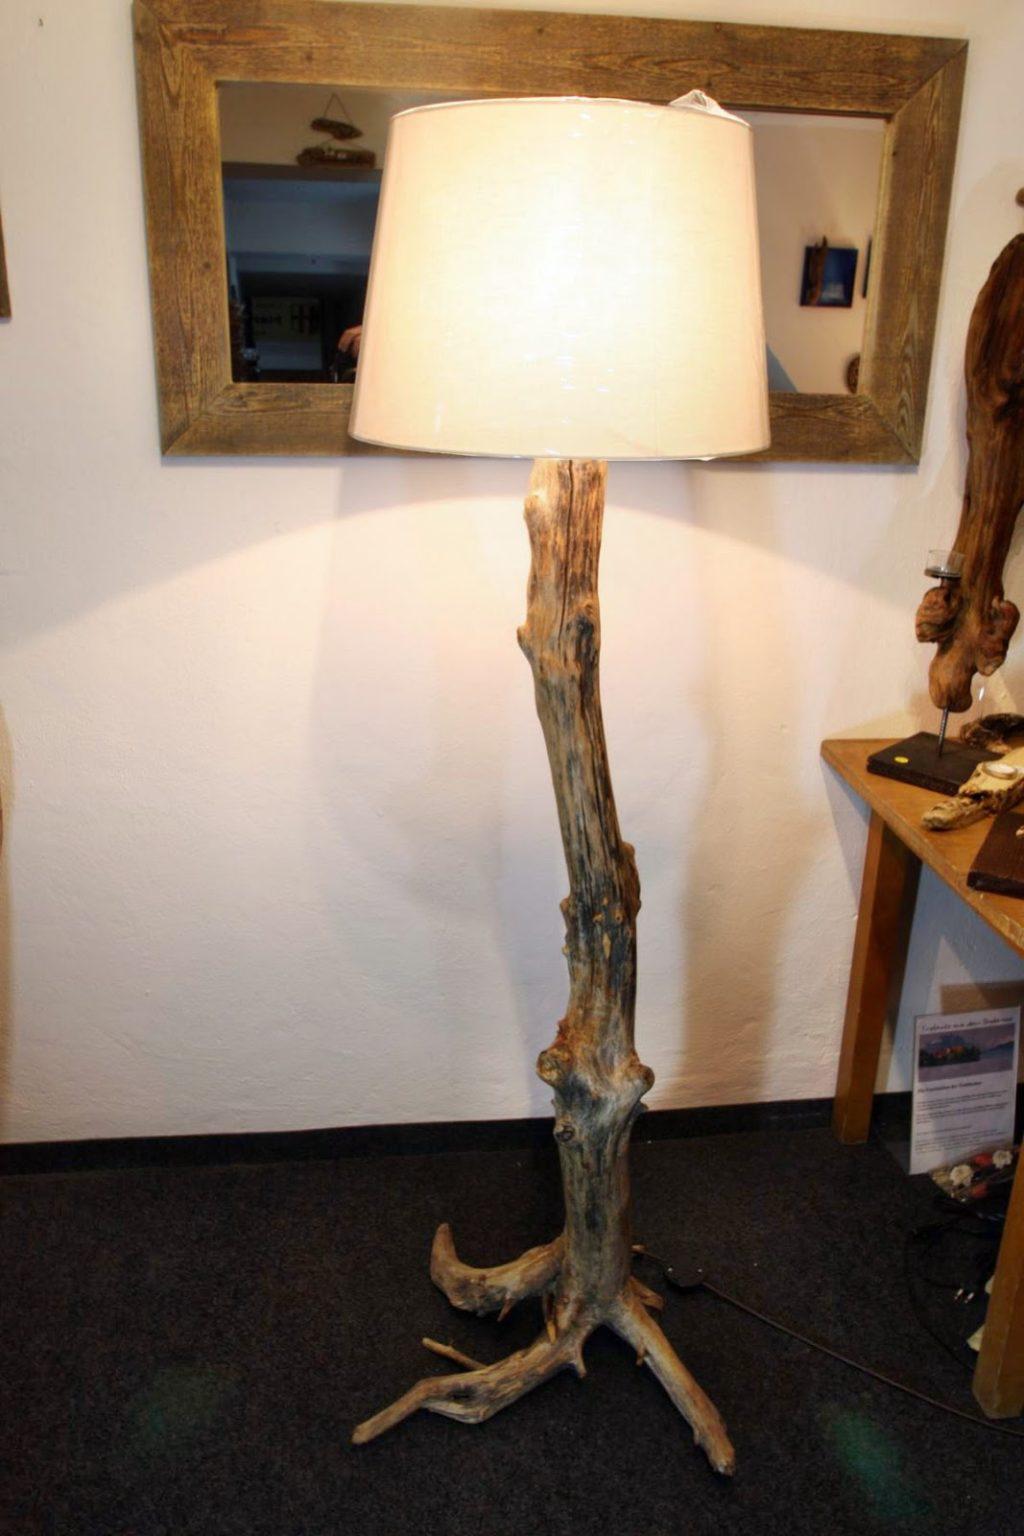 Full Size of Lampen Selber Machen Holz Bauen Holzklotz Lampe Aus Holzbalken Led Holzbrett Selbst Mit Einzigartige Treibholz Zum Badezimmer Decke Schlafzimmer Wandlampe Wohnzimmer Lampe Selber Bauen Holz